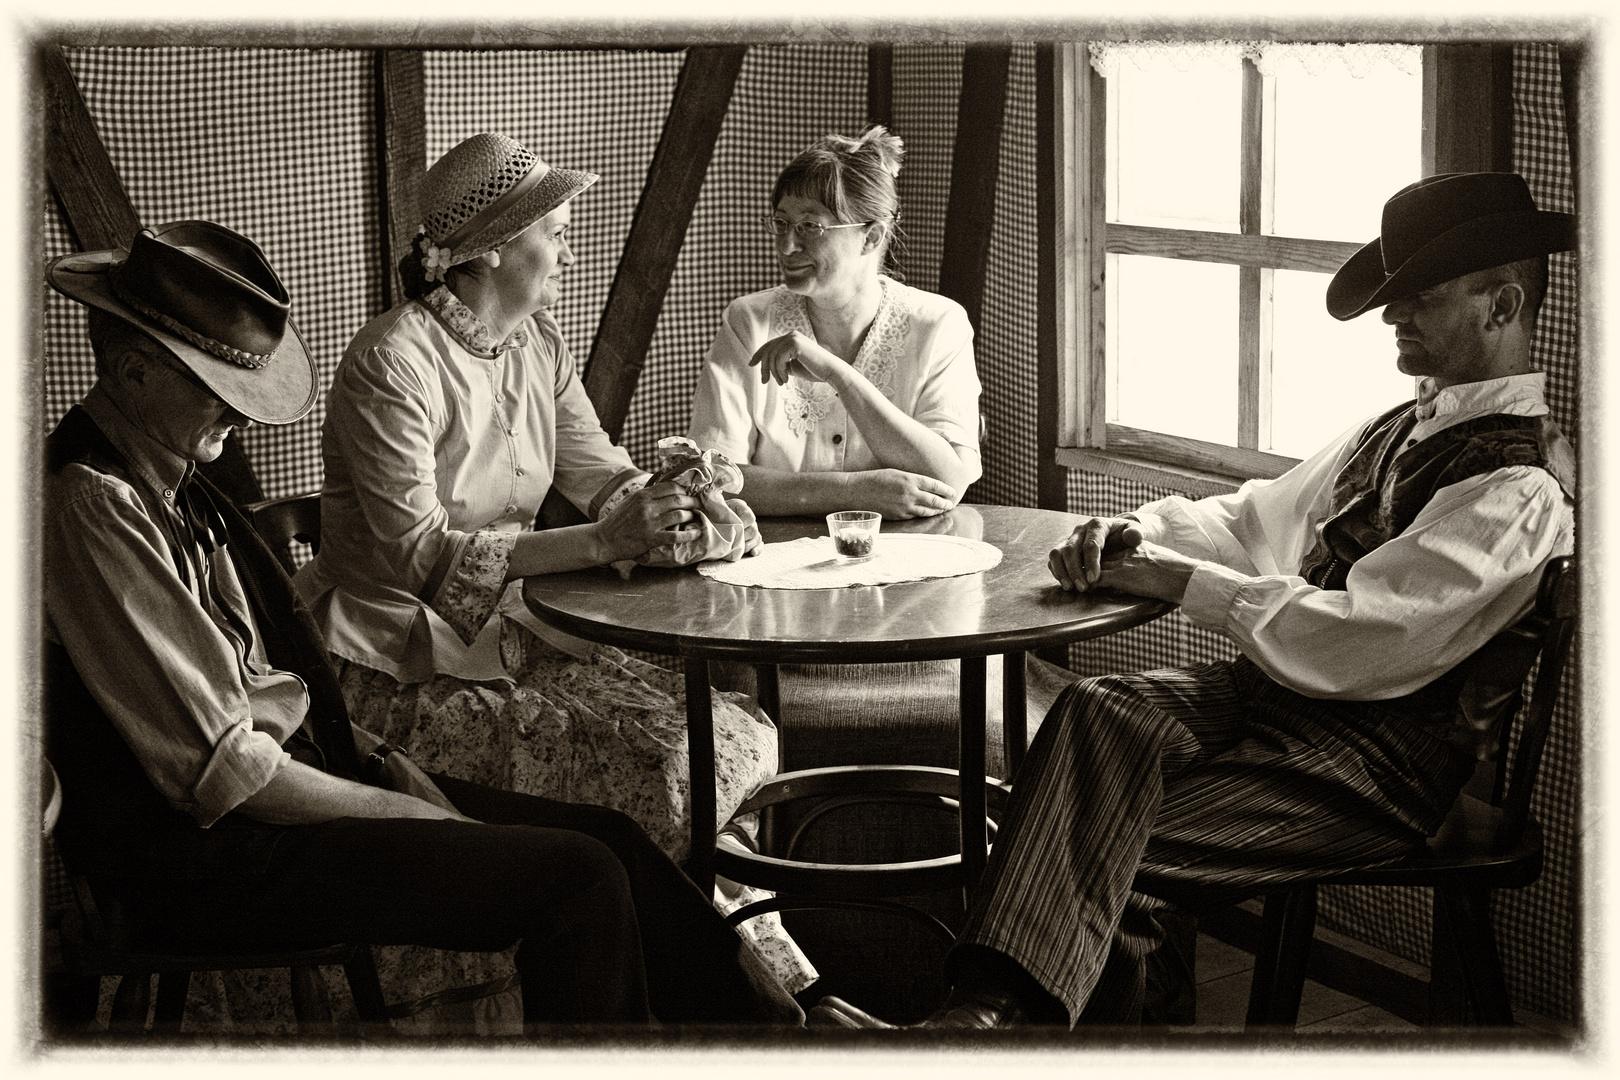 Kaffeeklatsch Foto & Bild | szene, historisch